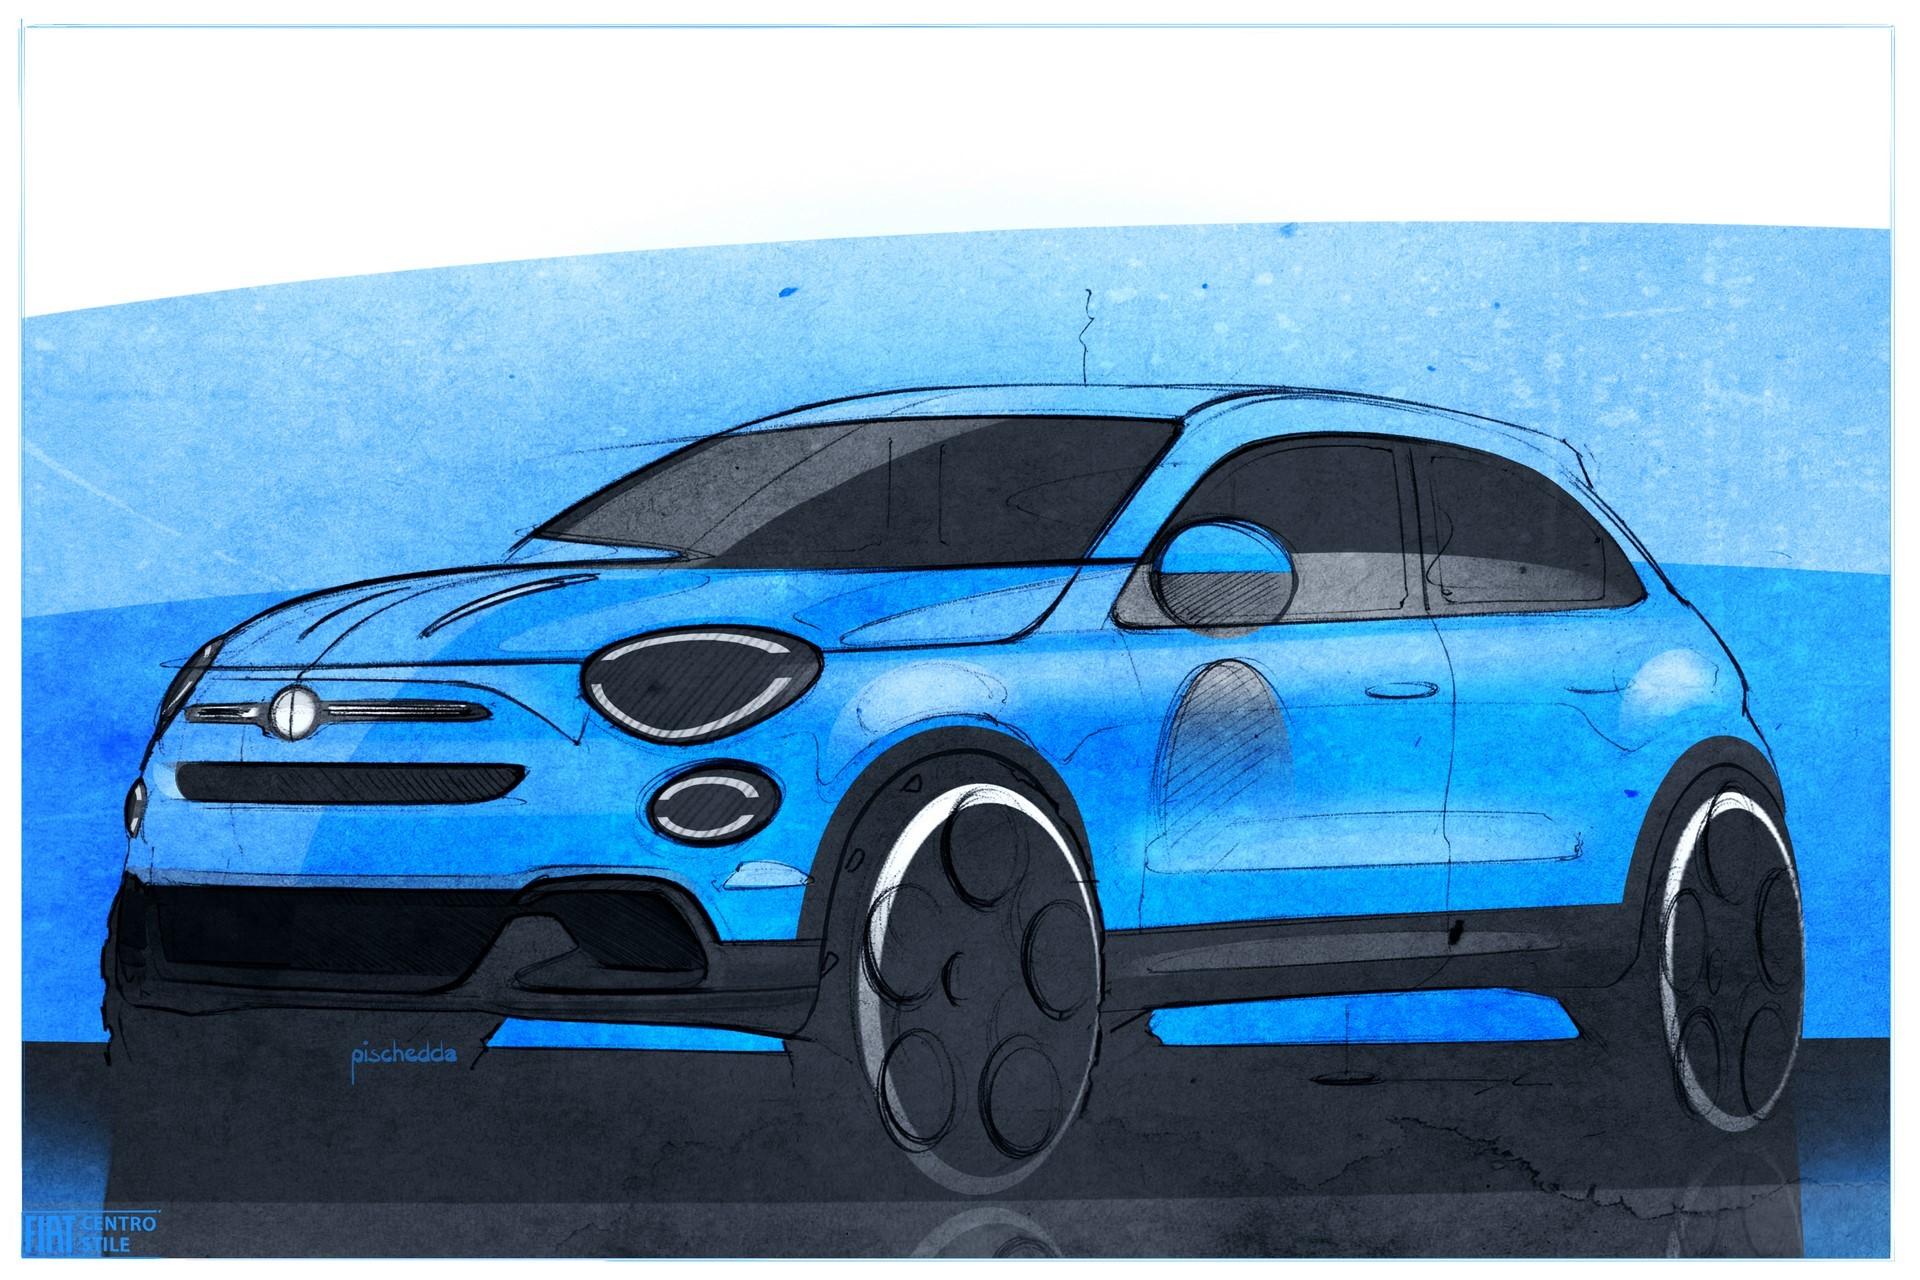 180828_Fiat_New-500X-sketch_03